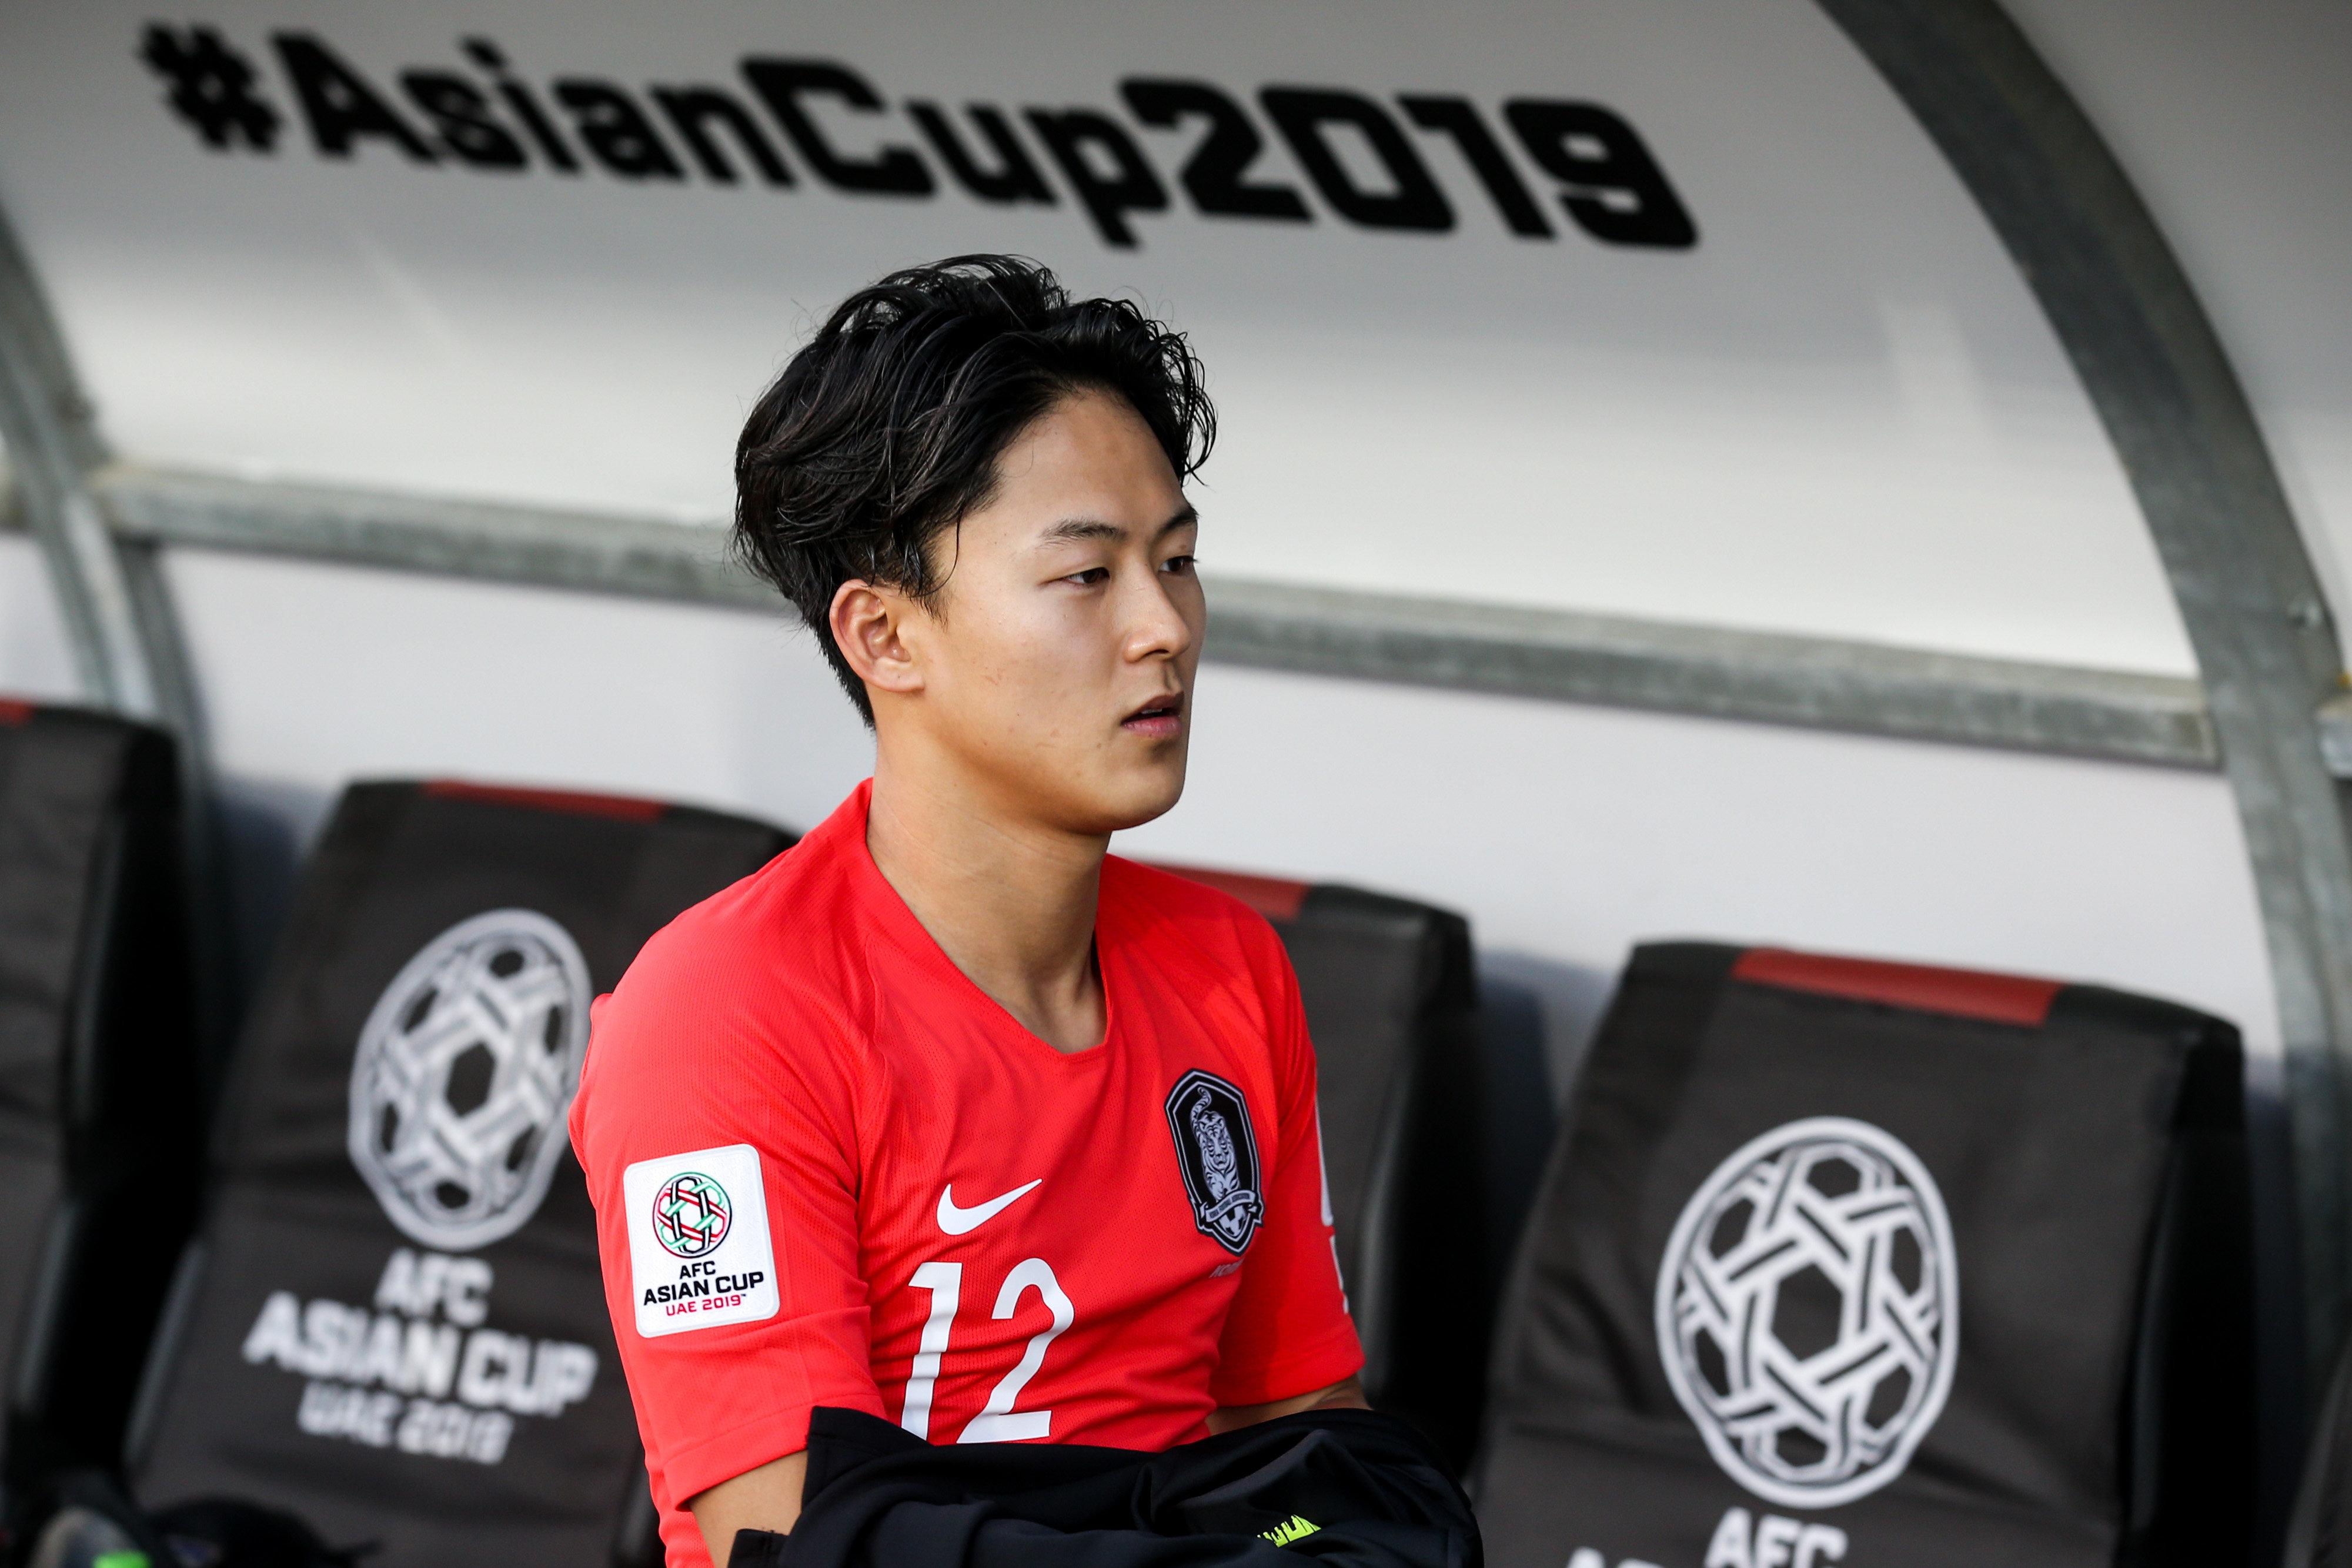 [아시안컵] 3경기 연속 출전 불발된 이승우가 물병을 걷어차자 황의조가 보인